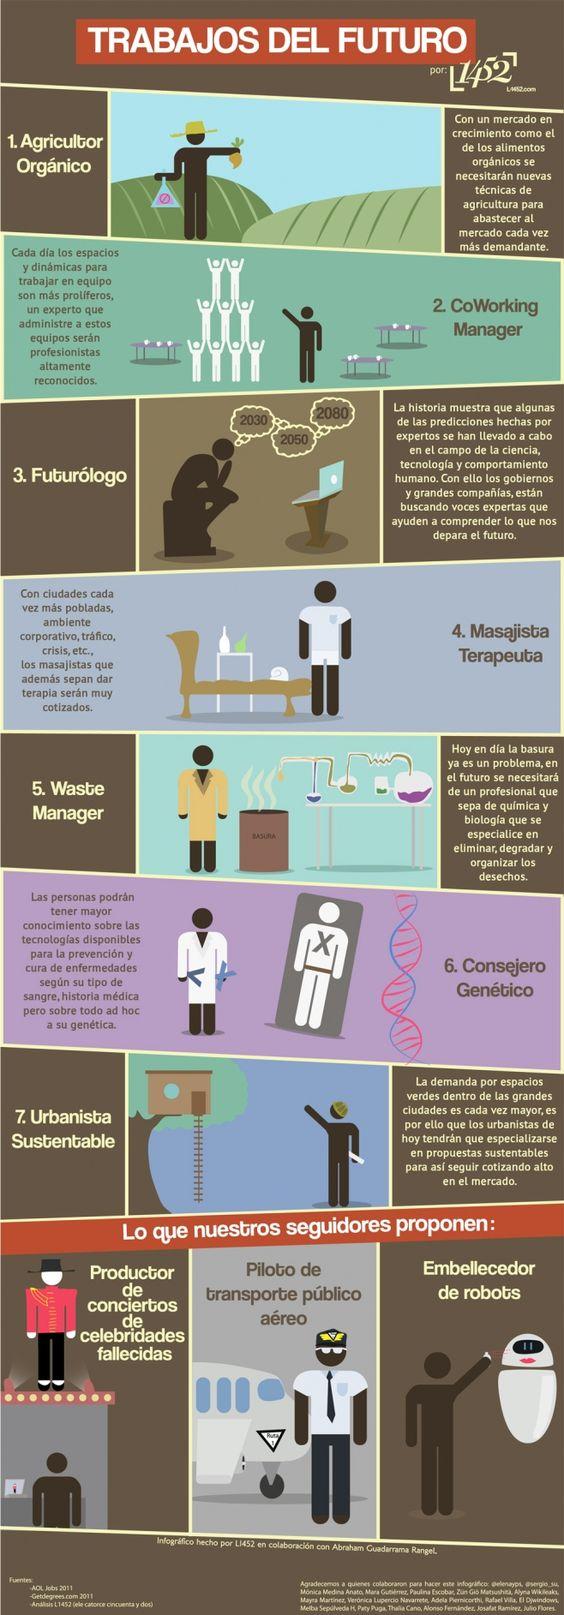 Trabajos del futuro #infografia #infographic